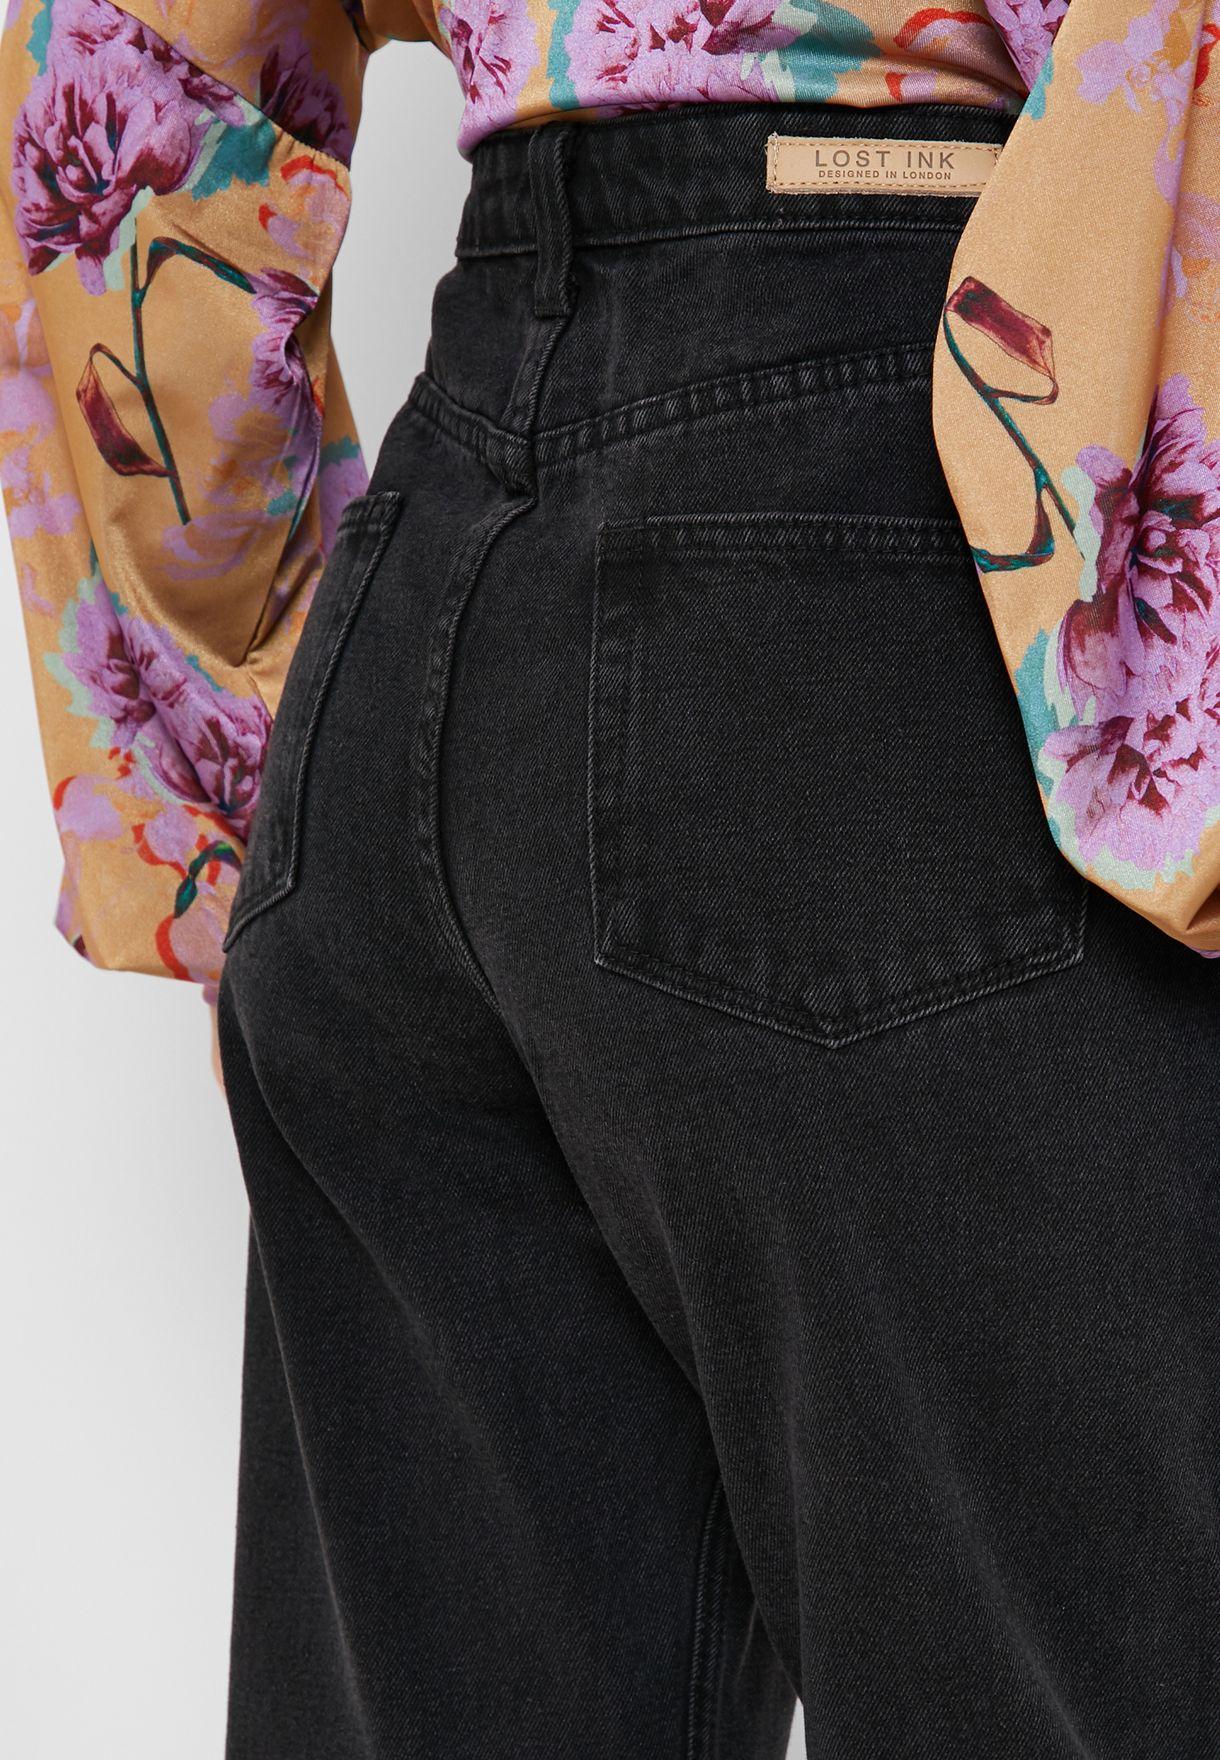 جينز بخصر عالي ومزين بدانتيل في الجانب